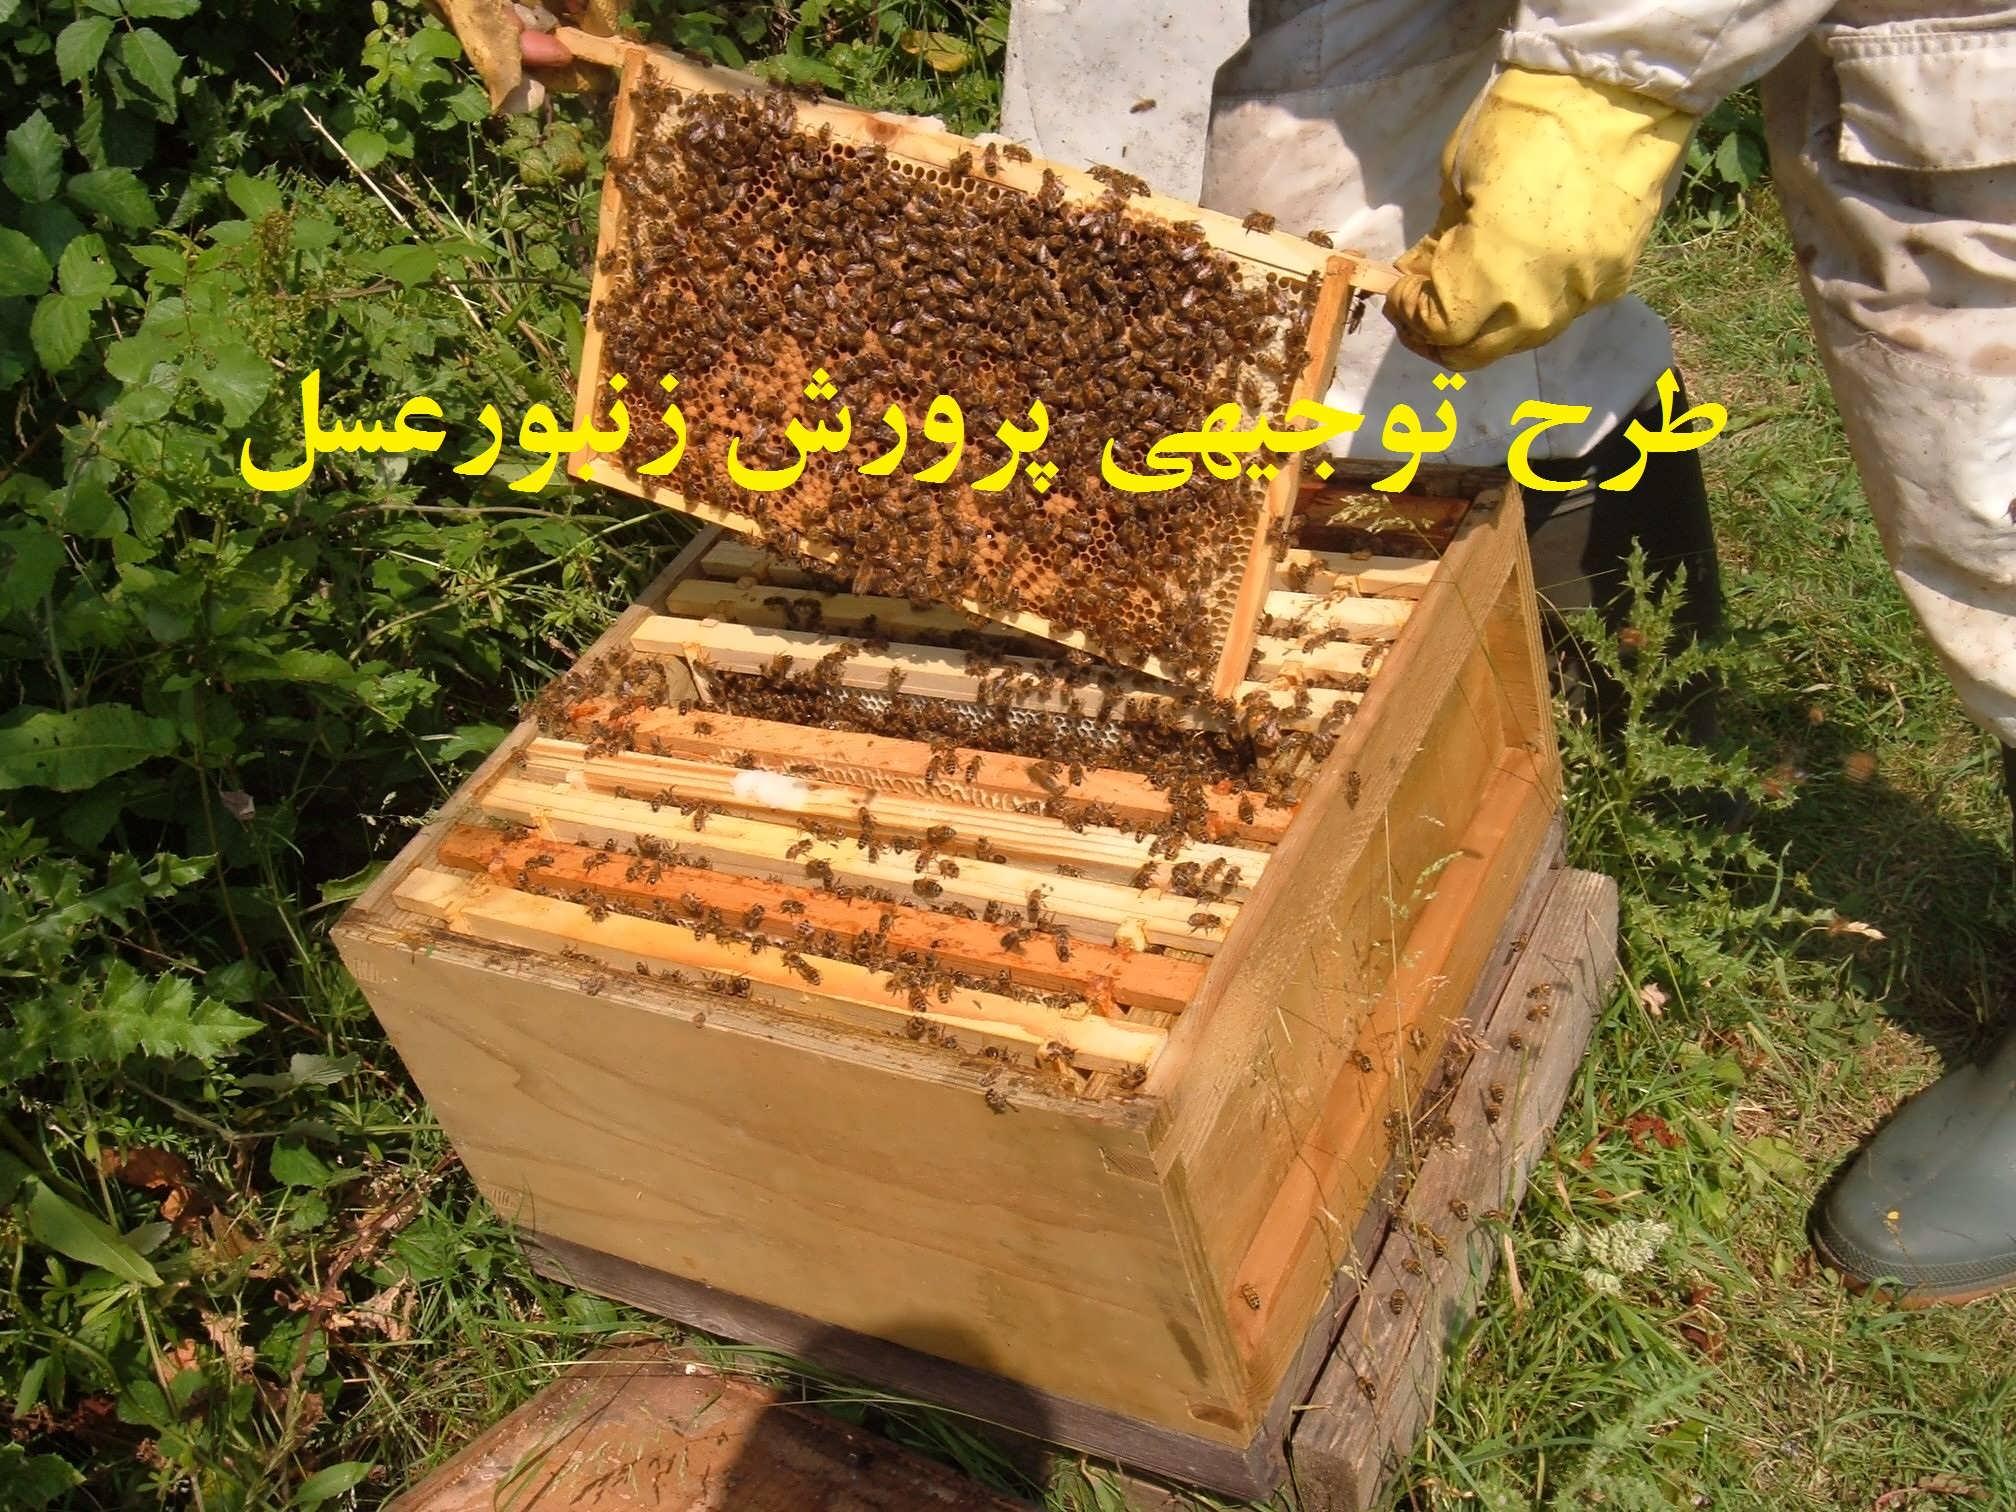 طرح توجیهی زنبورداری برای سایت کارا